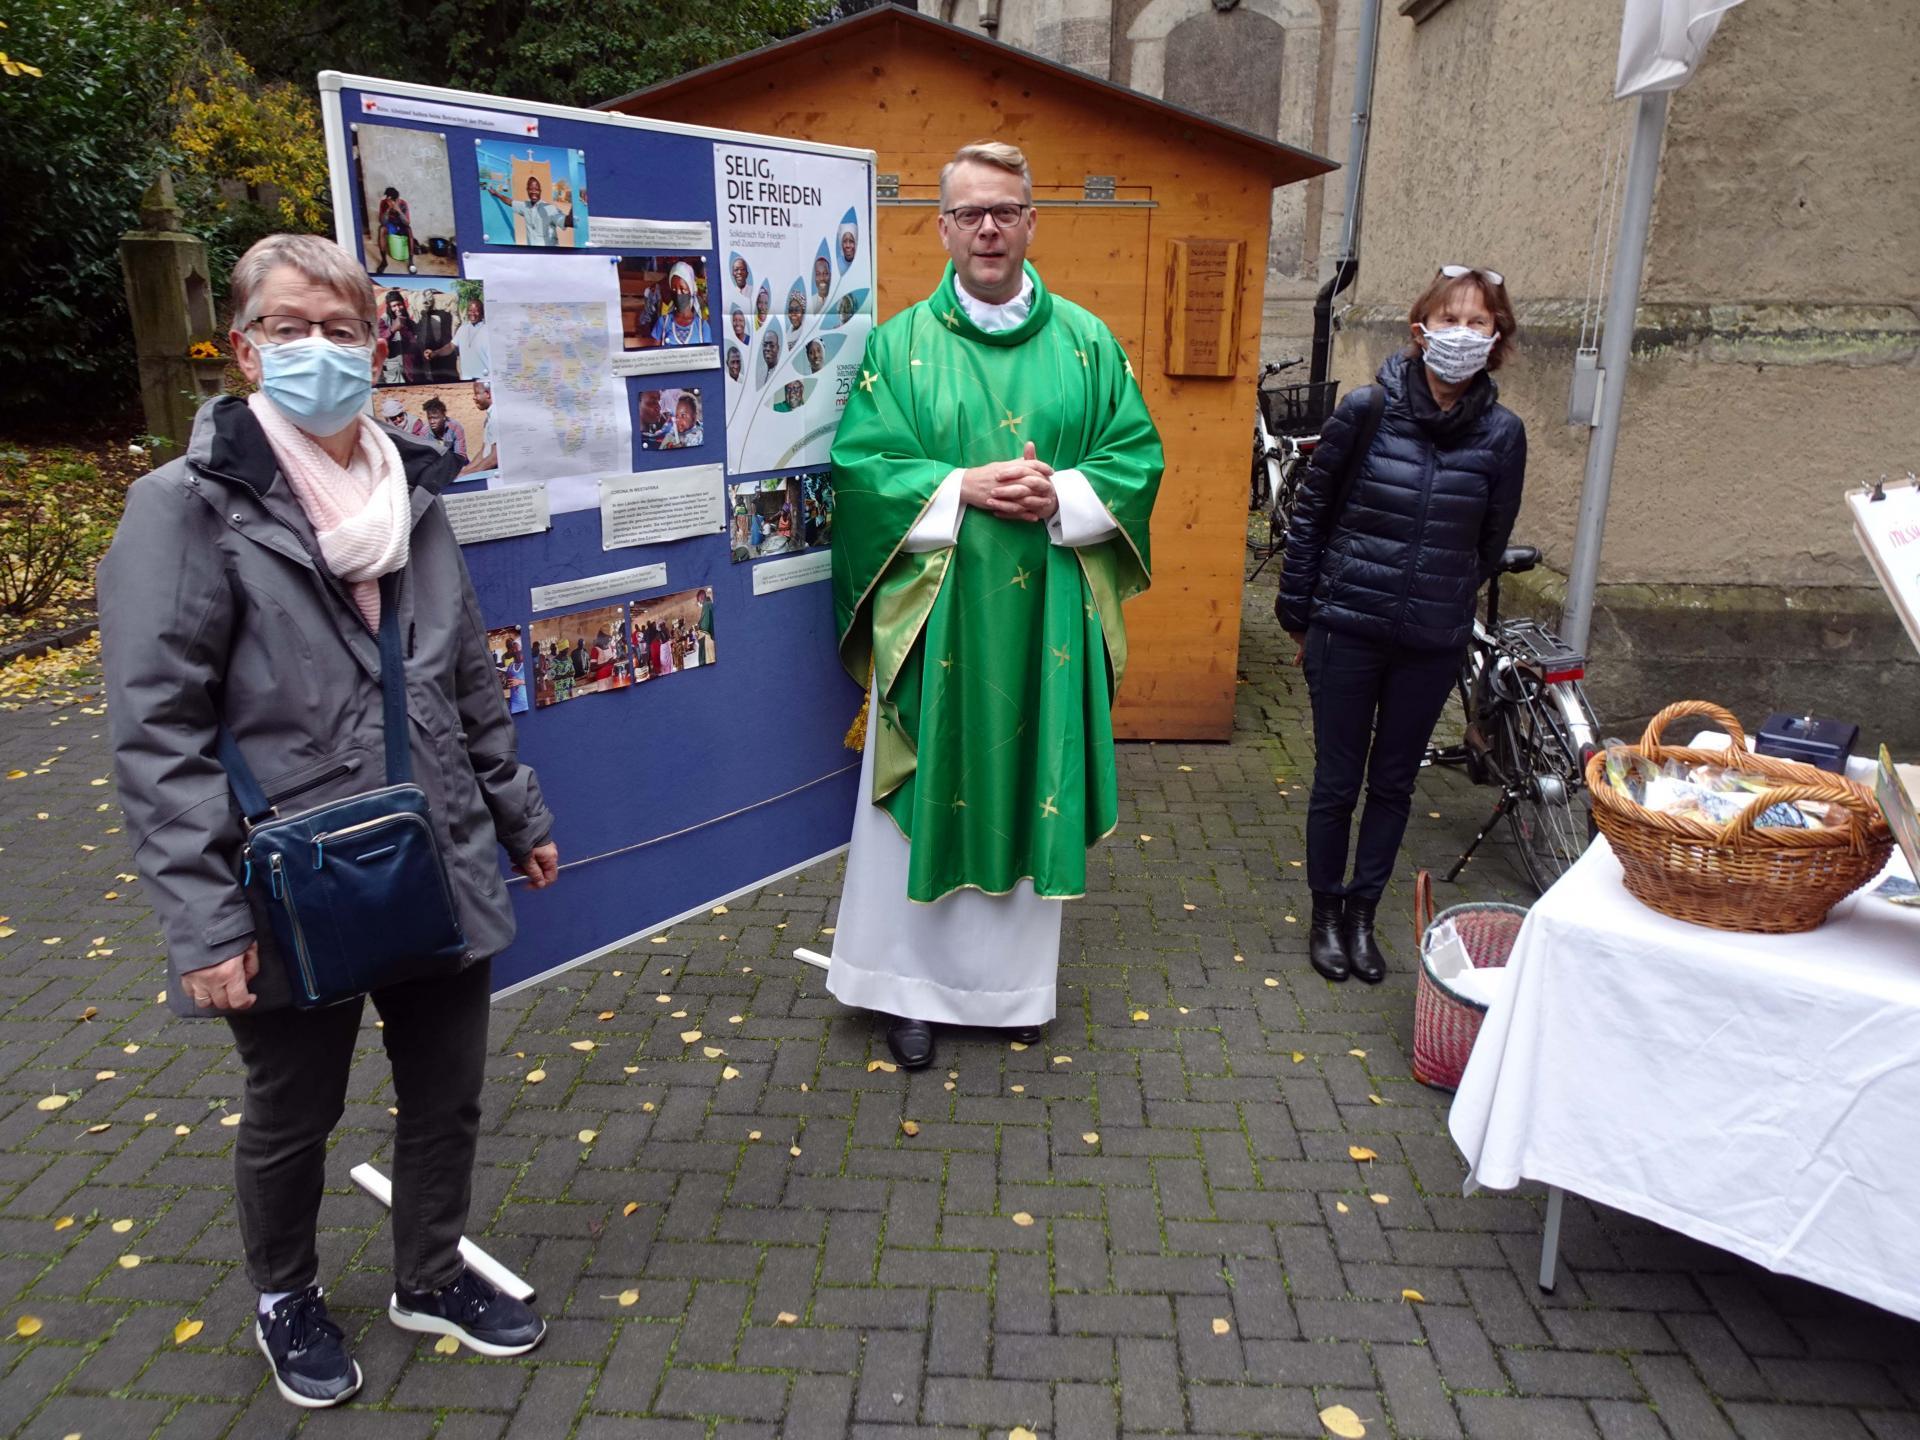 Aktion in katholischer Kirche